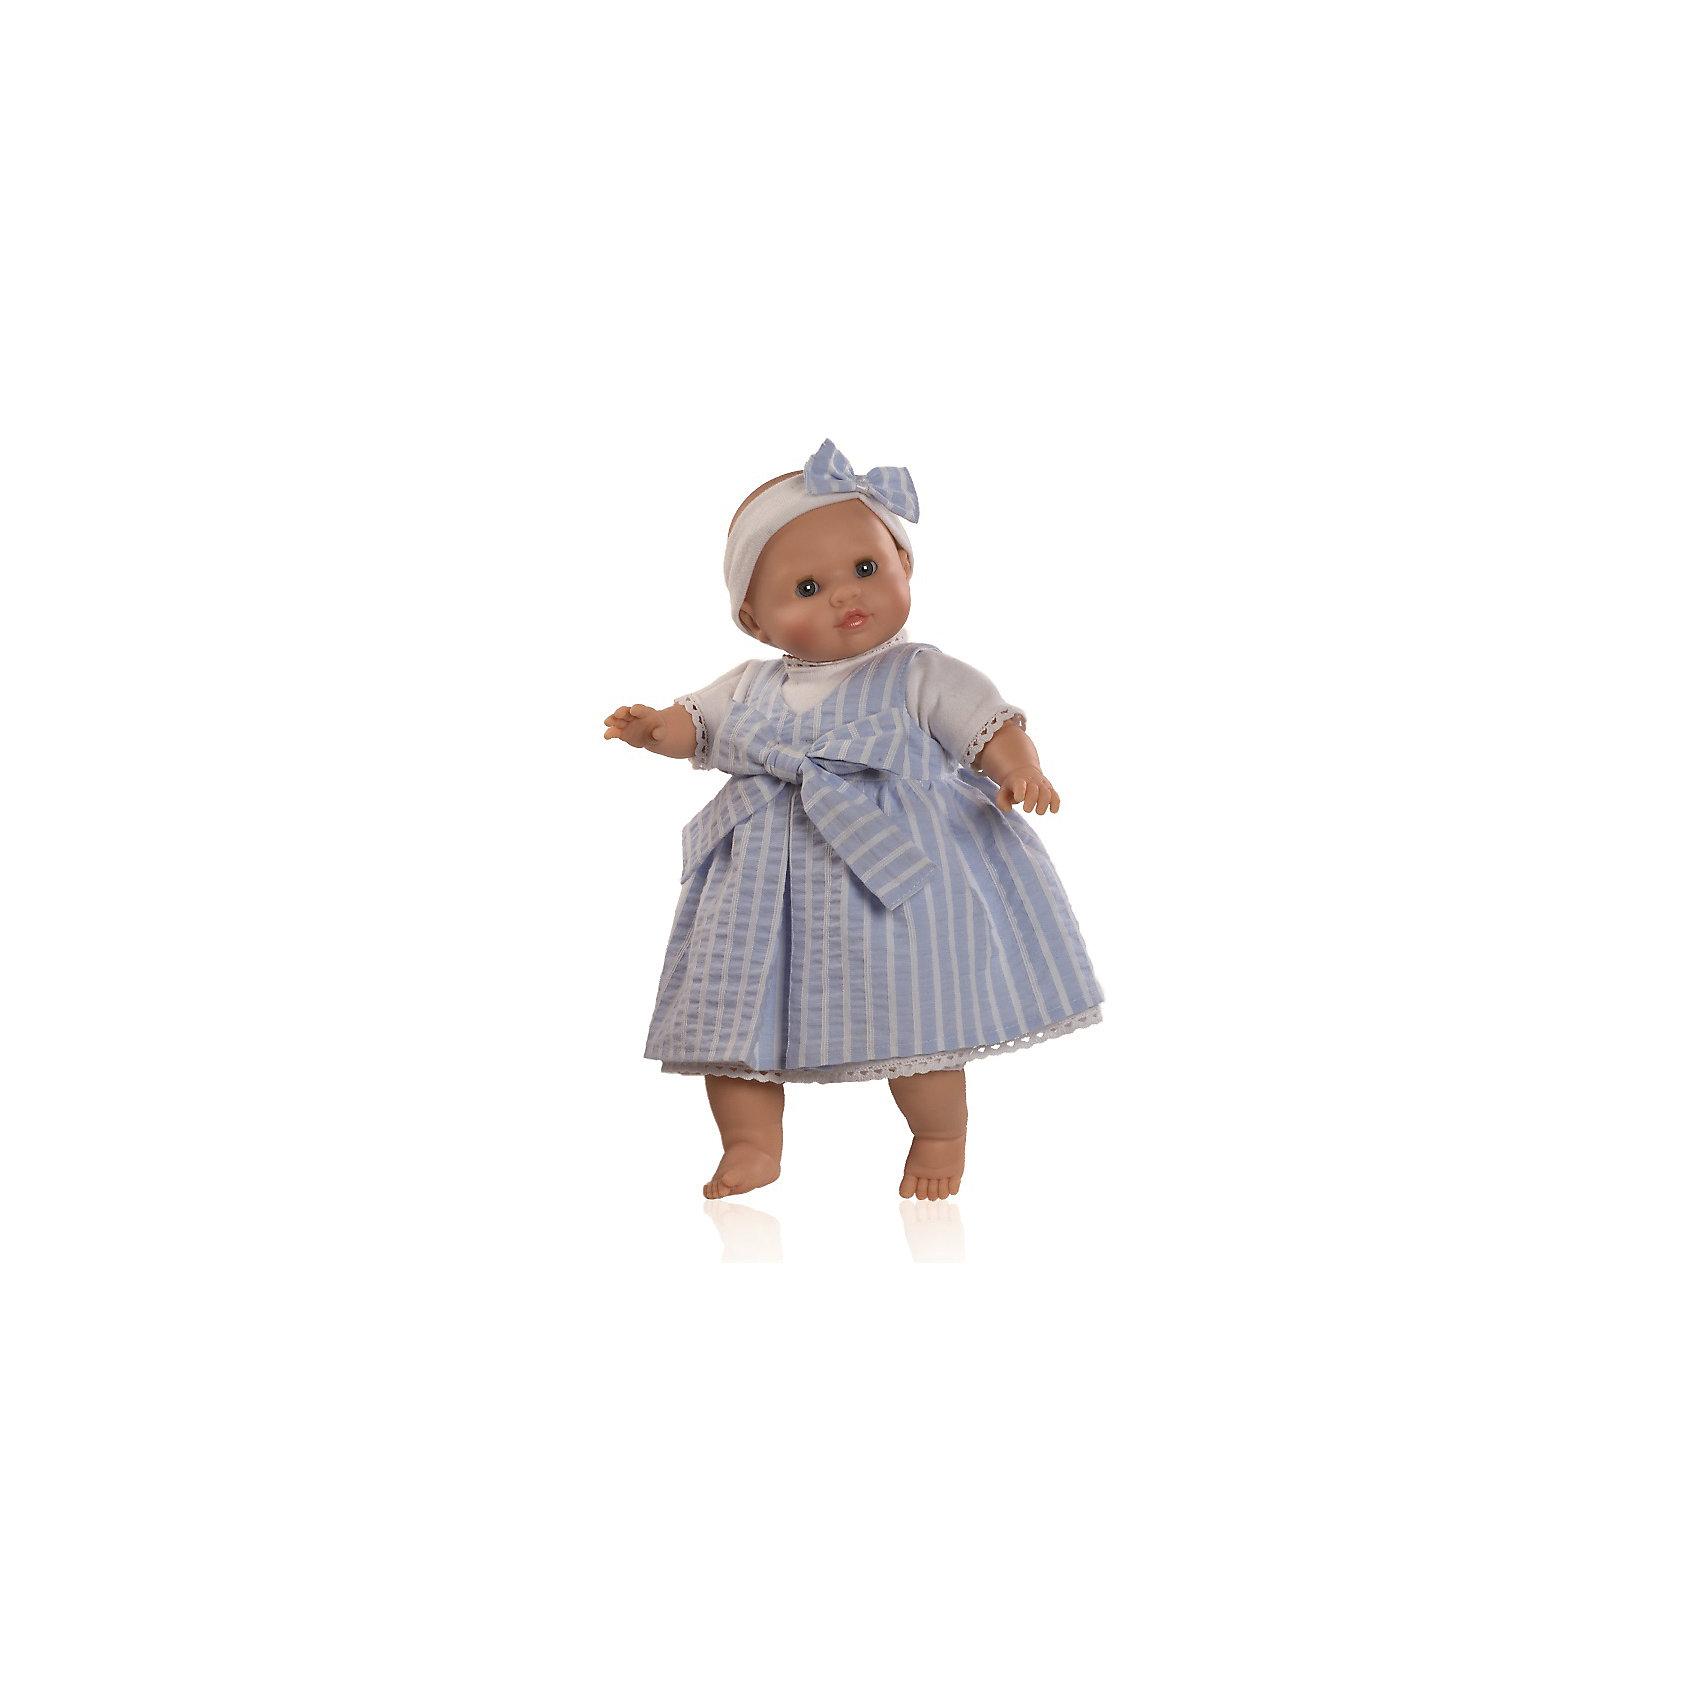 Кукла Габриэла, 36 см, Paola ReinaБренды кукол<br>Малышка Габриэла так похожа на настоящего младенца, что ее хочется тут же взять на руки и укачать! Куколка одета в нежно-голубой сарафан с декоративным бантом, на голове - милая полоска, украшенная таким же бантиком, как и одежда. Складочки на ручках и ножках придают куколке еще больше реалистичности. На голове у нее рельефная поверхность, имитирующая волосы. Куклы Паола Рейна с мягконабивным телом, имеют нежный ванильный аромат, одеты в модную яркую одежду с аксессуарами. Выразительная мимика, уникальный и неповторимый дизайн лица и тела, делают эти игрушки запоминающимися, уникальными и самыми любимыми. Куклы изготовлены из высококачественных материалов, абсолютно безопасных для детей. <br><br>Дополнительная информация:<br><br>- Материалы: кукла изготовлена из винила и текстиля; глаза выполнены в виде кристалла из прозрачного твердого пластика; одежда - текстиль.<br>- Размер: 36 см.<br>- Комплектация: кукла в одежде.<br>- Голова, ручки, ножки куклы подвижные.<br>- Мягконабивное тело.<br>- Нельзя мыть.<br>- Глаза закрываются.<br><br>Куклу Габриэла, 36 см, Paola Reina (Паола Рейна), можно купить в нашем магазине.<br><br>Ширина мм: 120<br>Глубина мм: 250<br>Высота мм: 420<br>Вес г: 1000<br>Возраст от месяцев: 36<br>Возраст до месяцев: 144<br>Пол: Женский<br>Возраст: Детский<br>SKU: 4420325